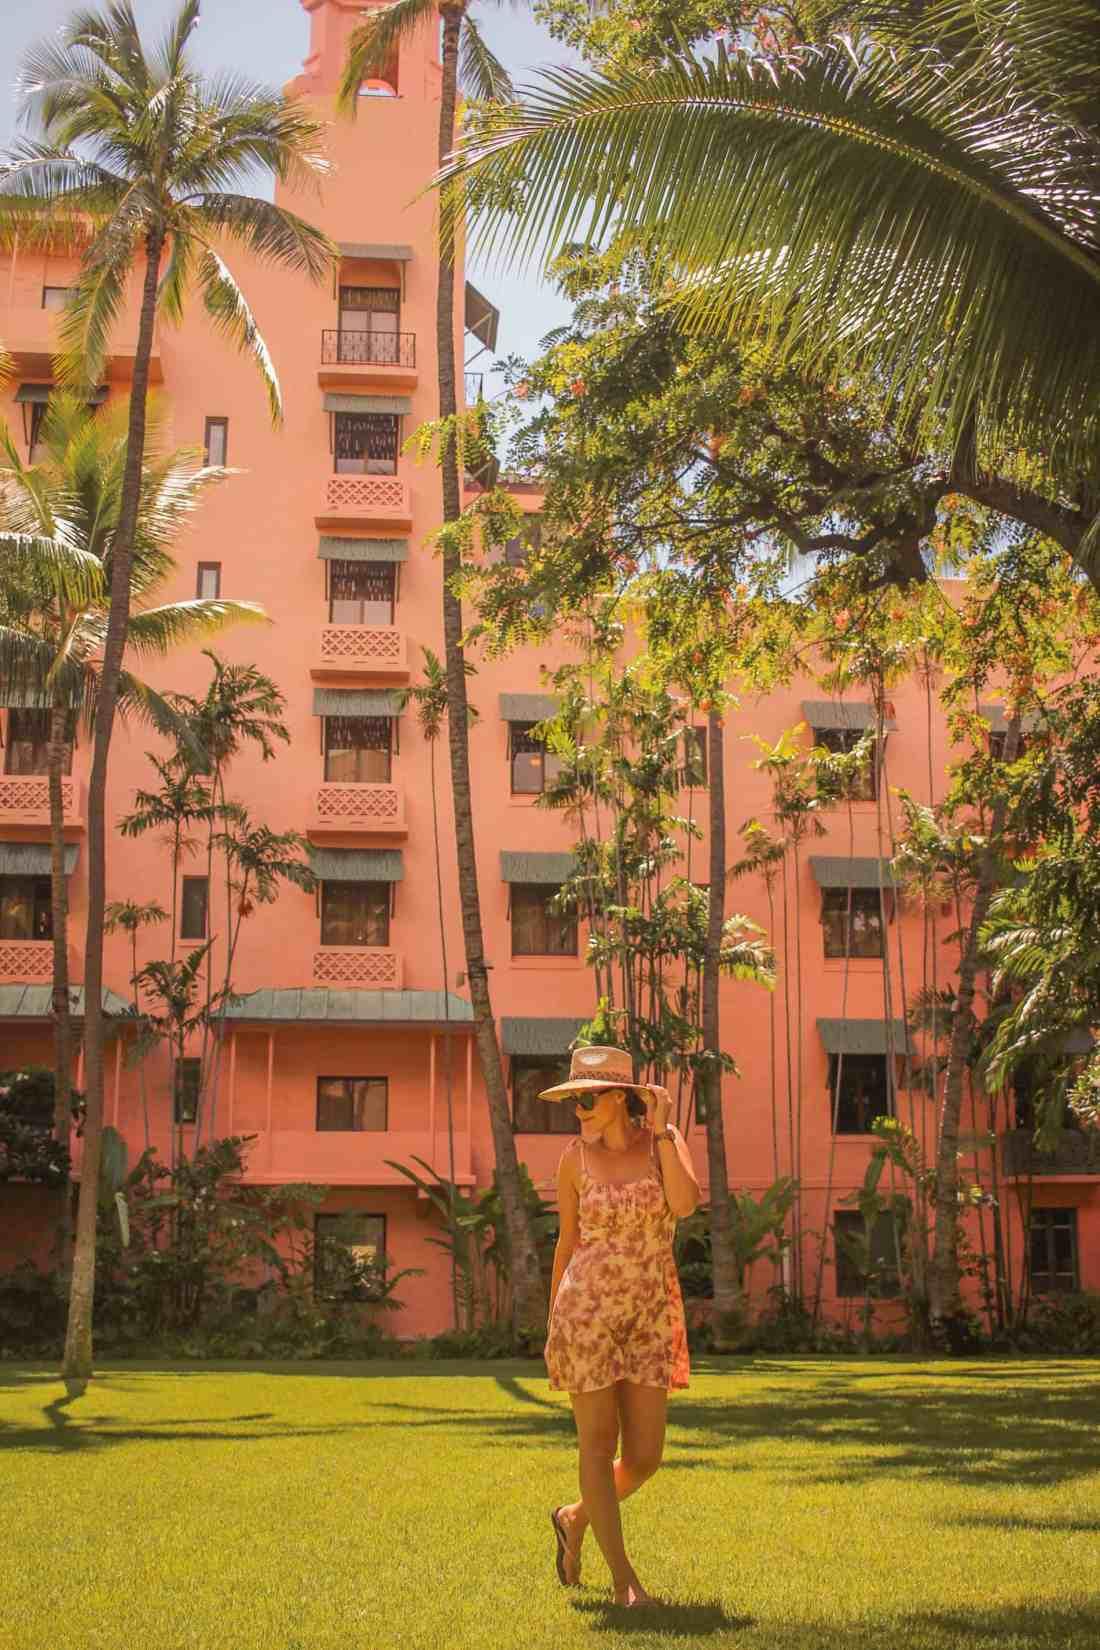 the royal Hawaiian hotel in Waikiki